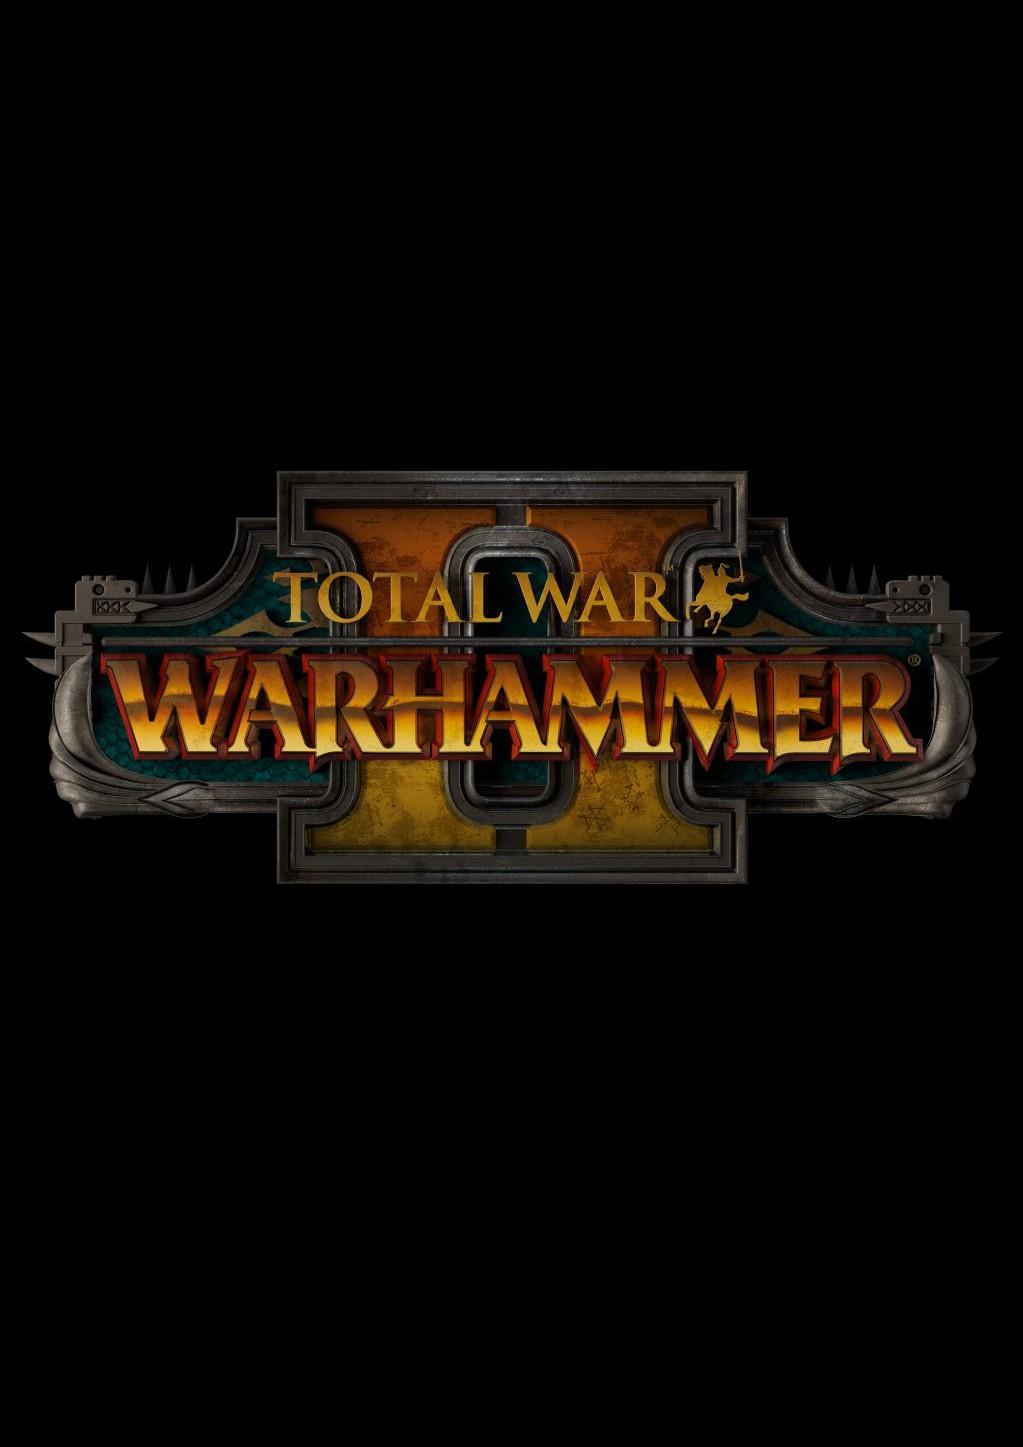 Total War WARHAMMER 2 Steam Key EU